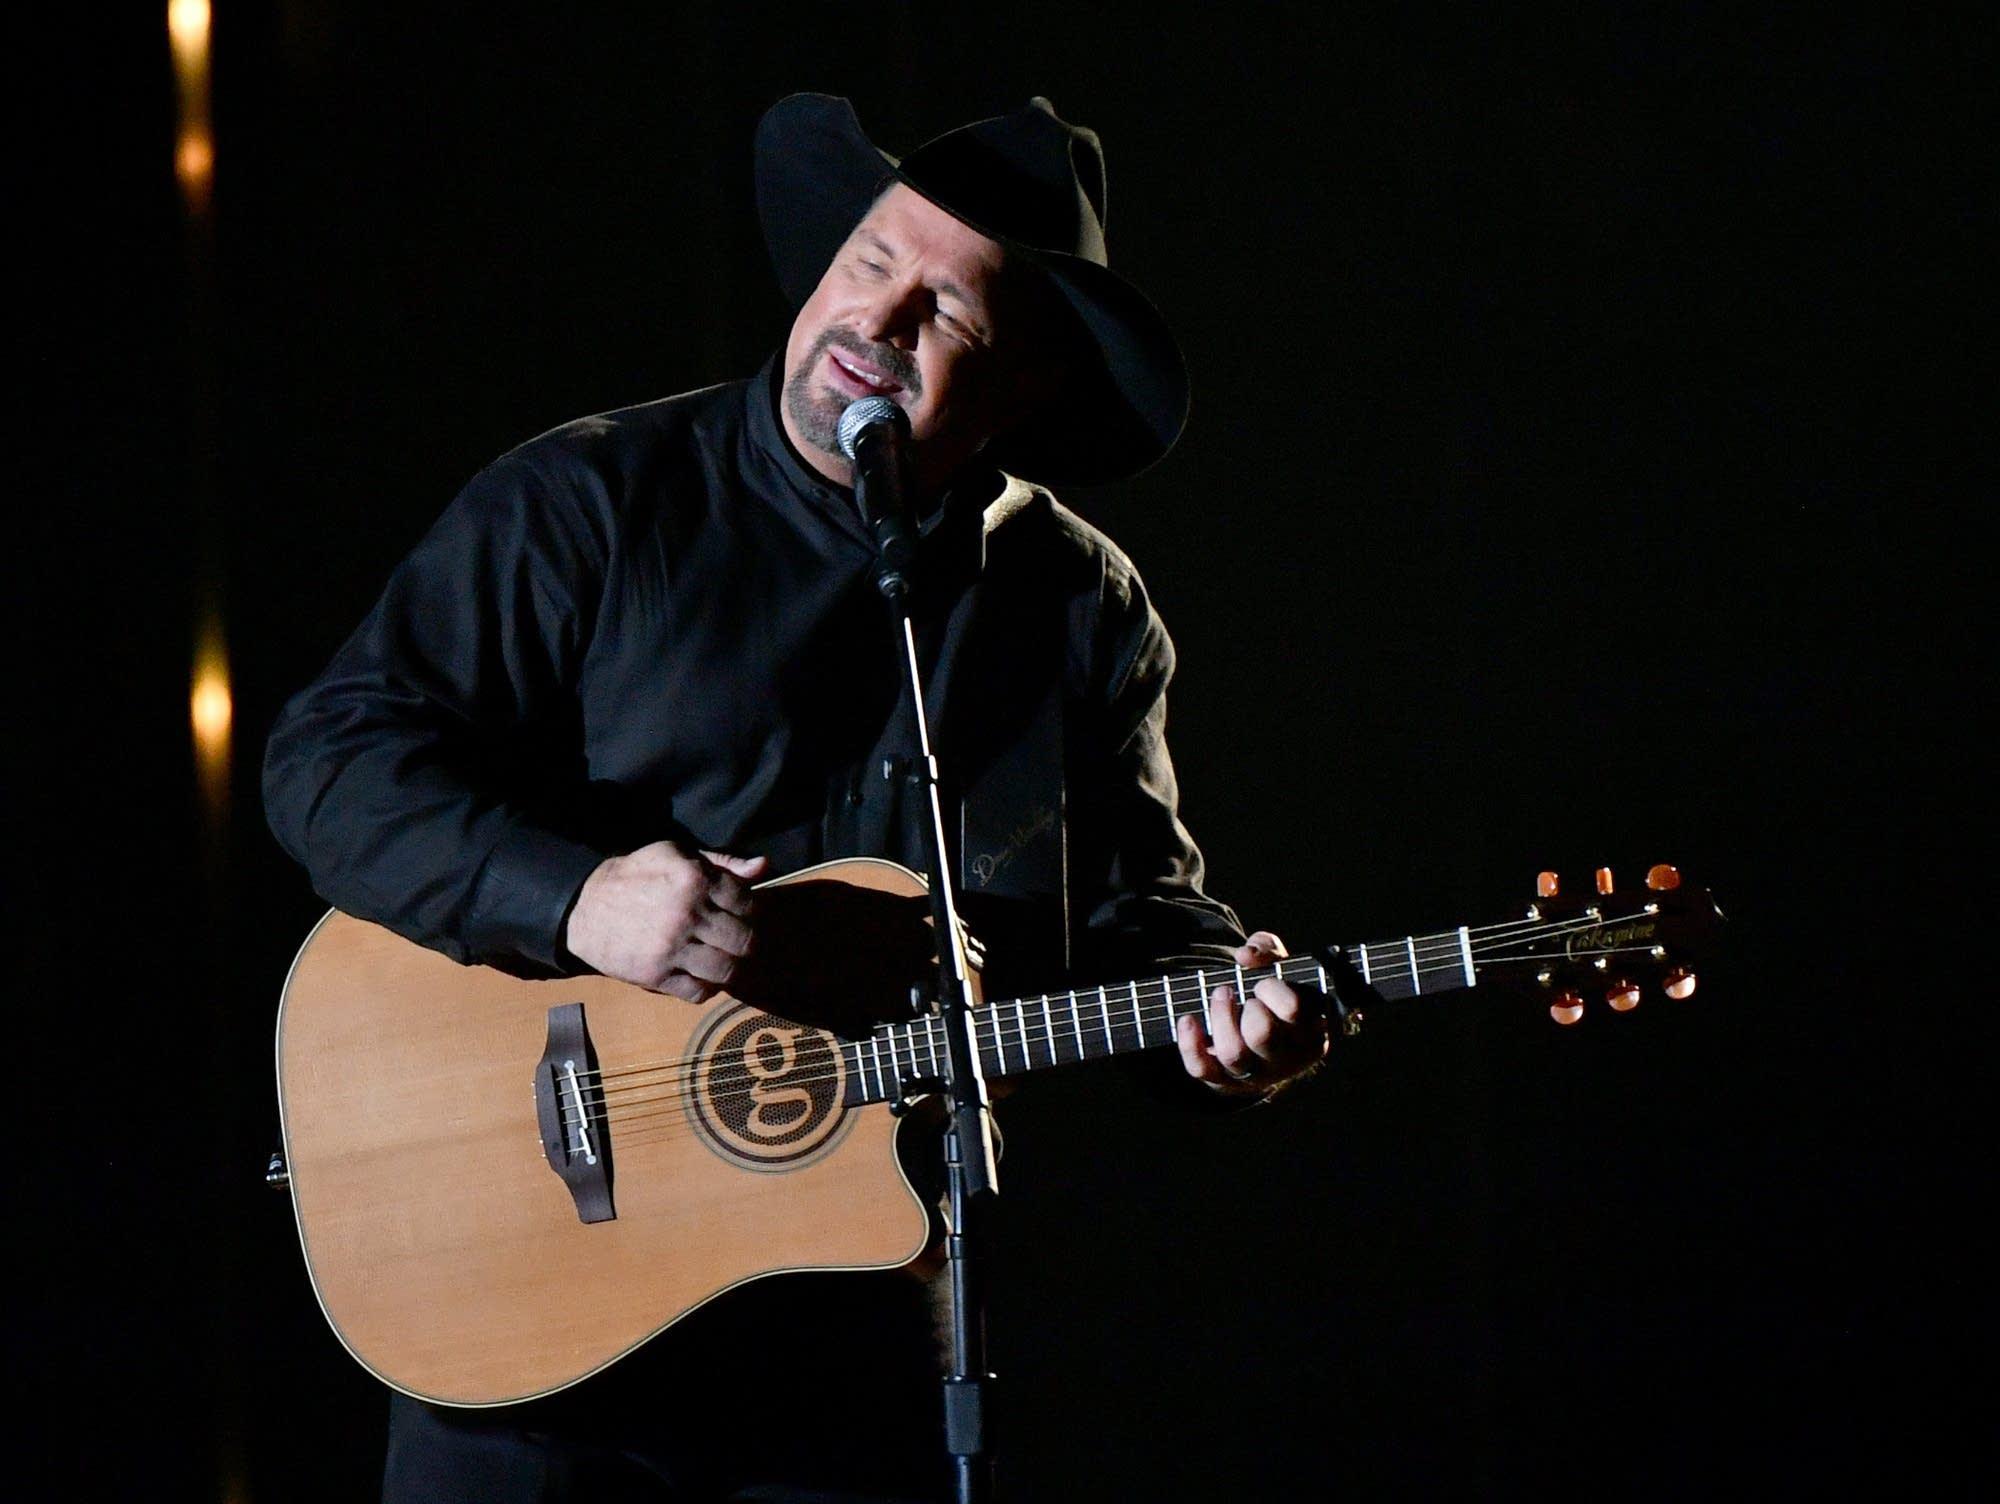 Singer-songwriter Garth Brooks